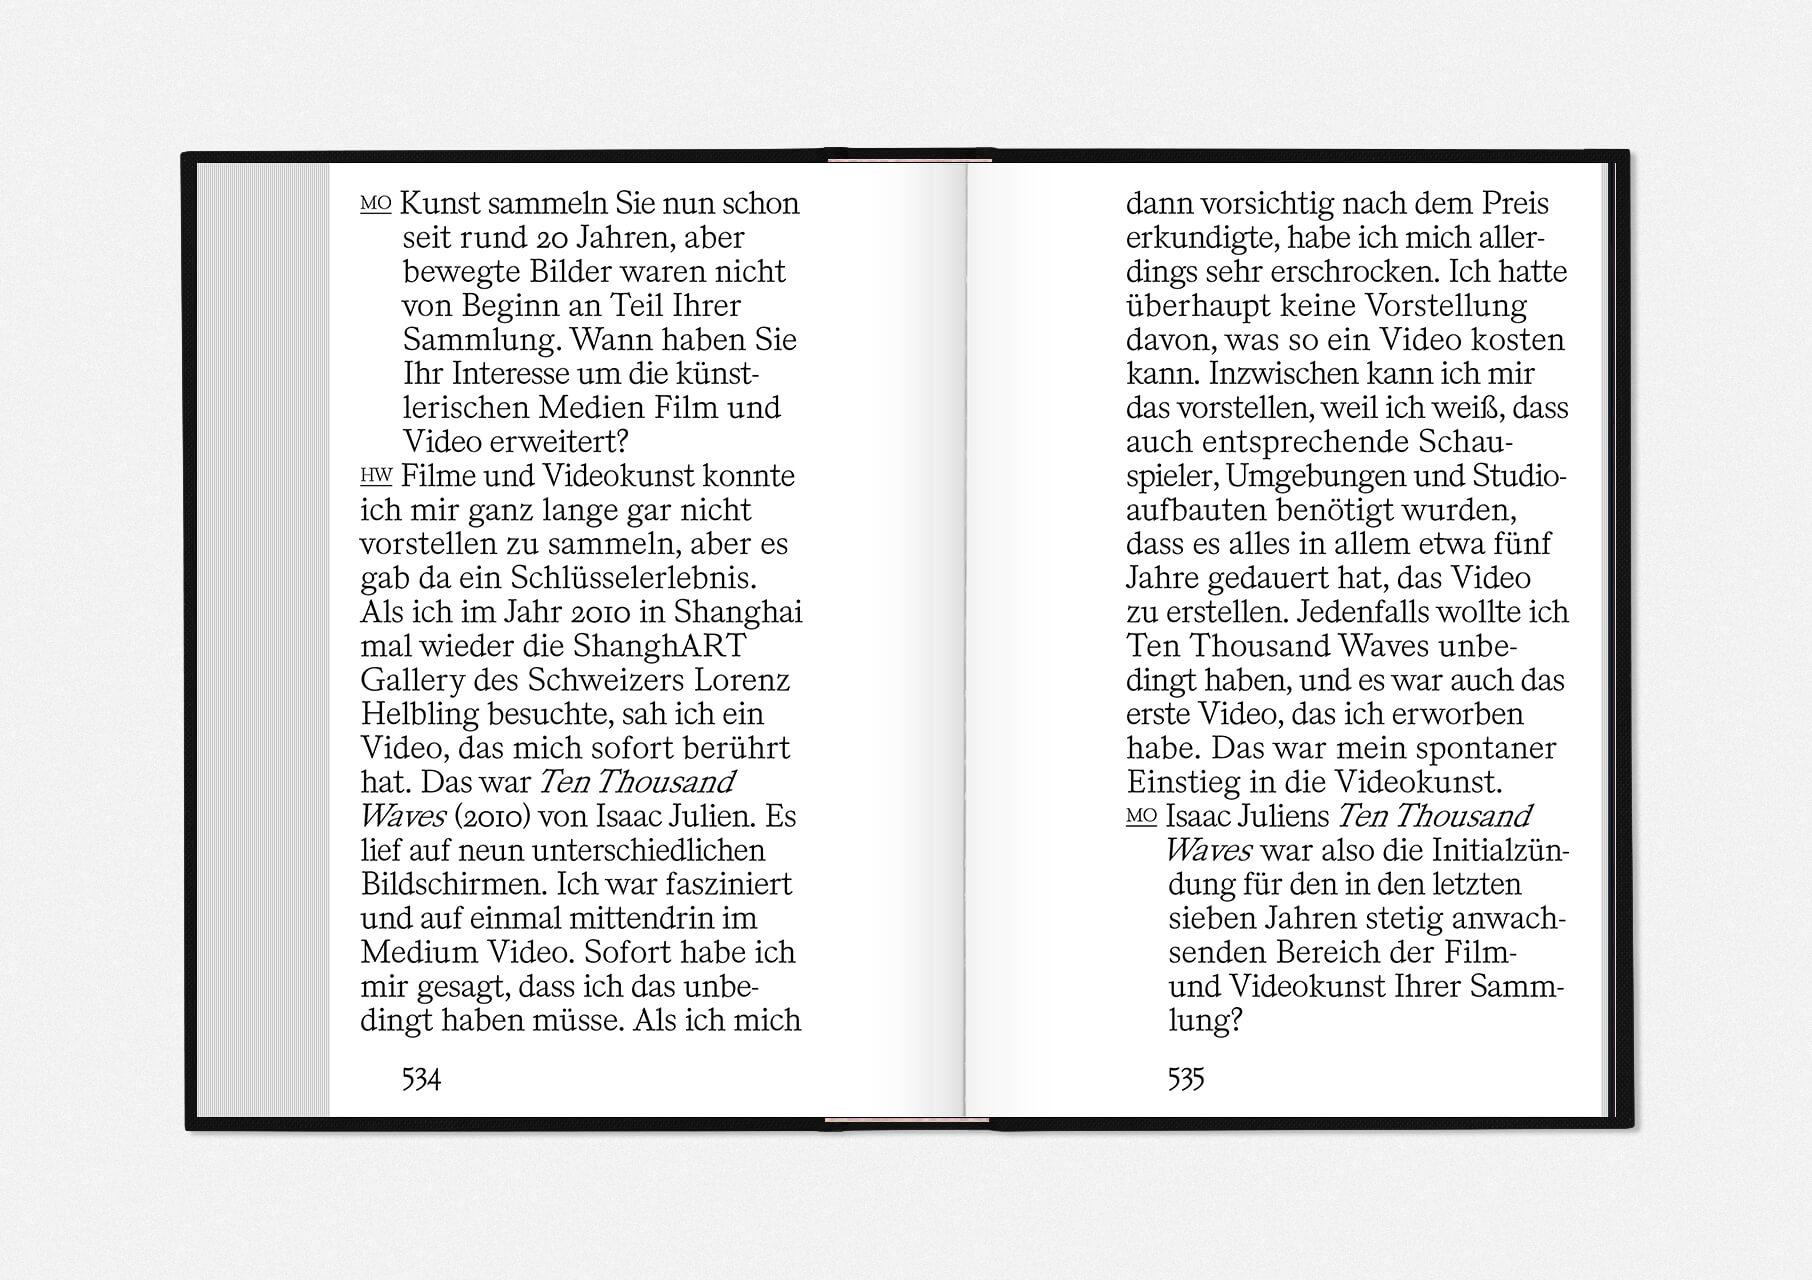 https://neuegestaltung.de/media/pages/clients/sammlung-wemhoner-sehnsucht-und-fall/9f1f19aace-1597415390/sw_sehnsucht_und_fall_innenseite_534_535_ng.jpg